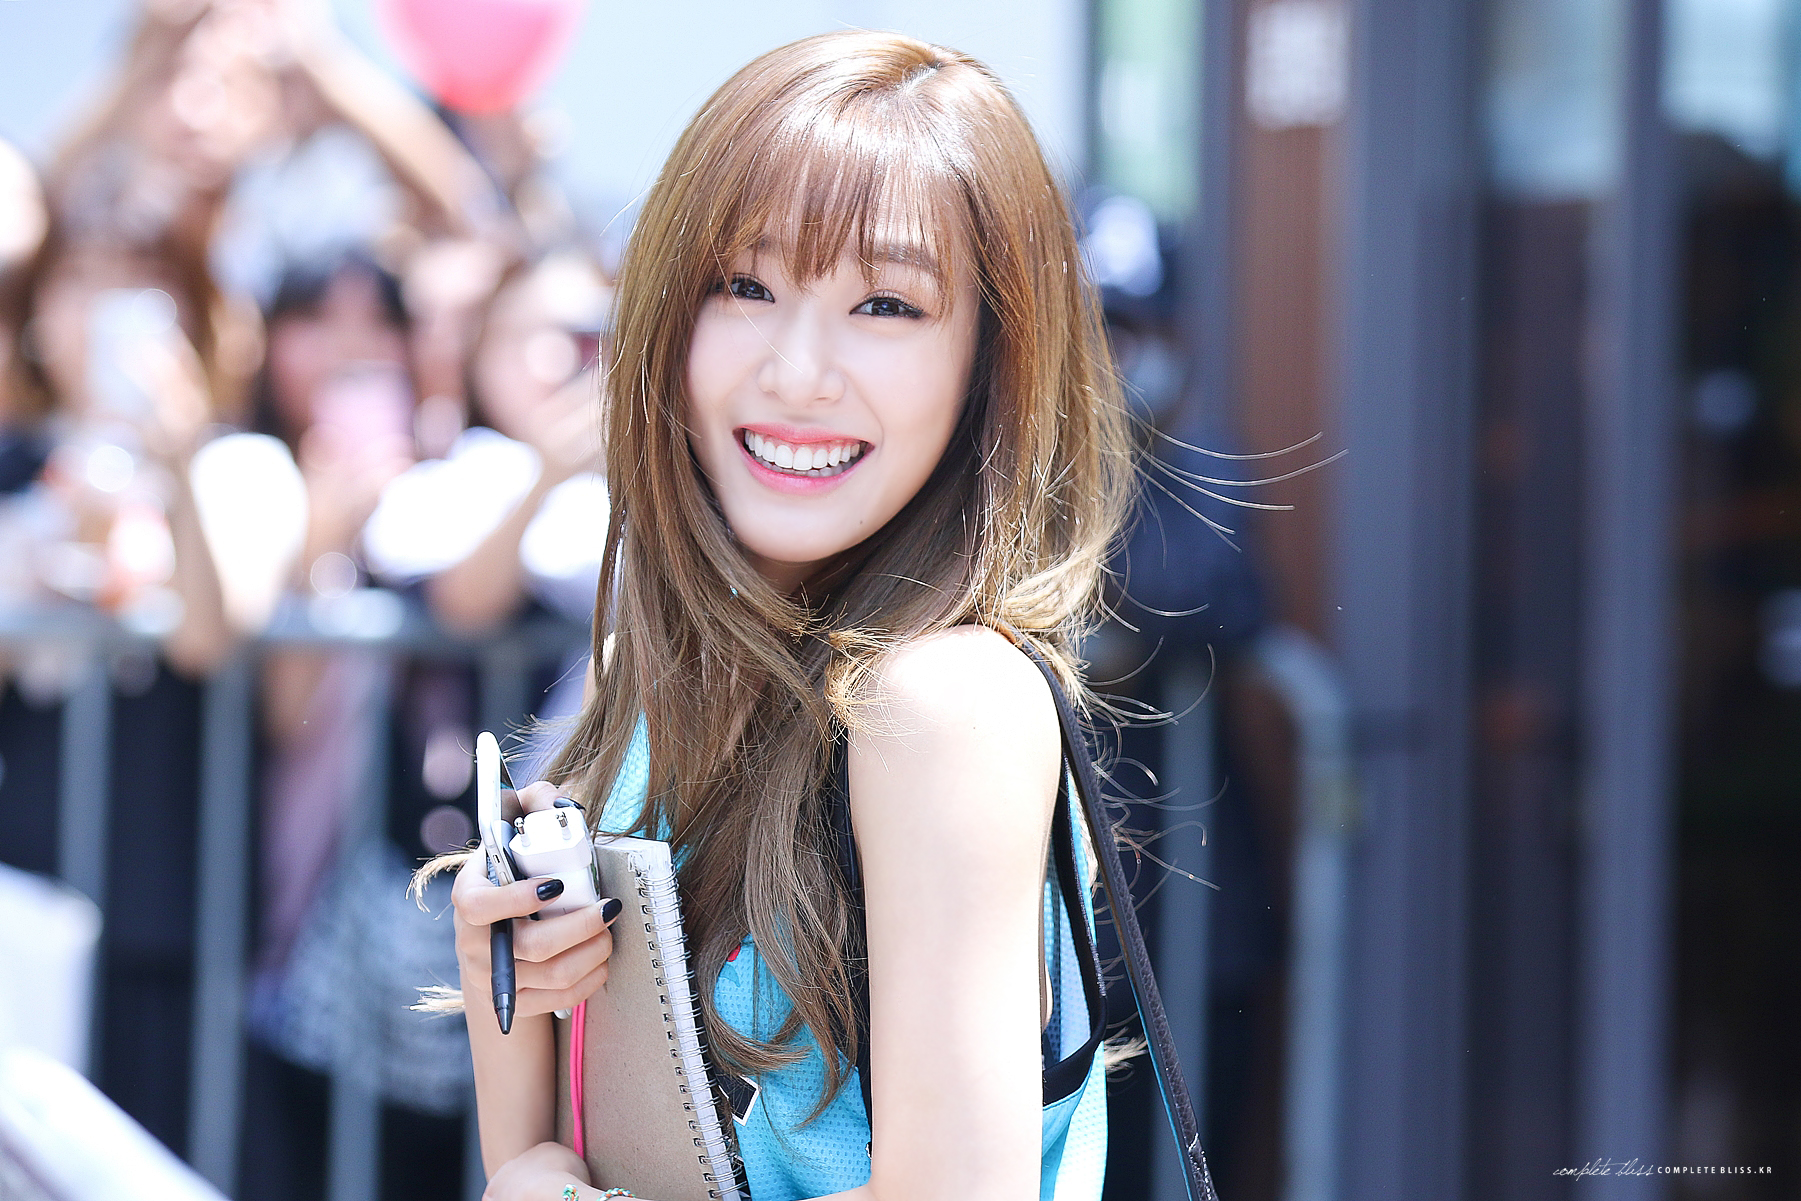 Tiffany : kpics